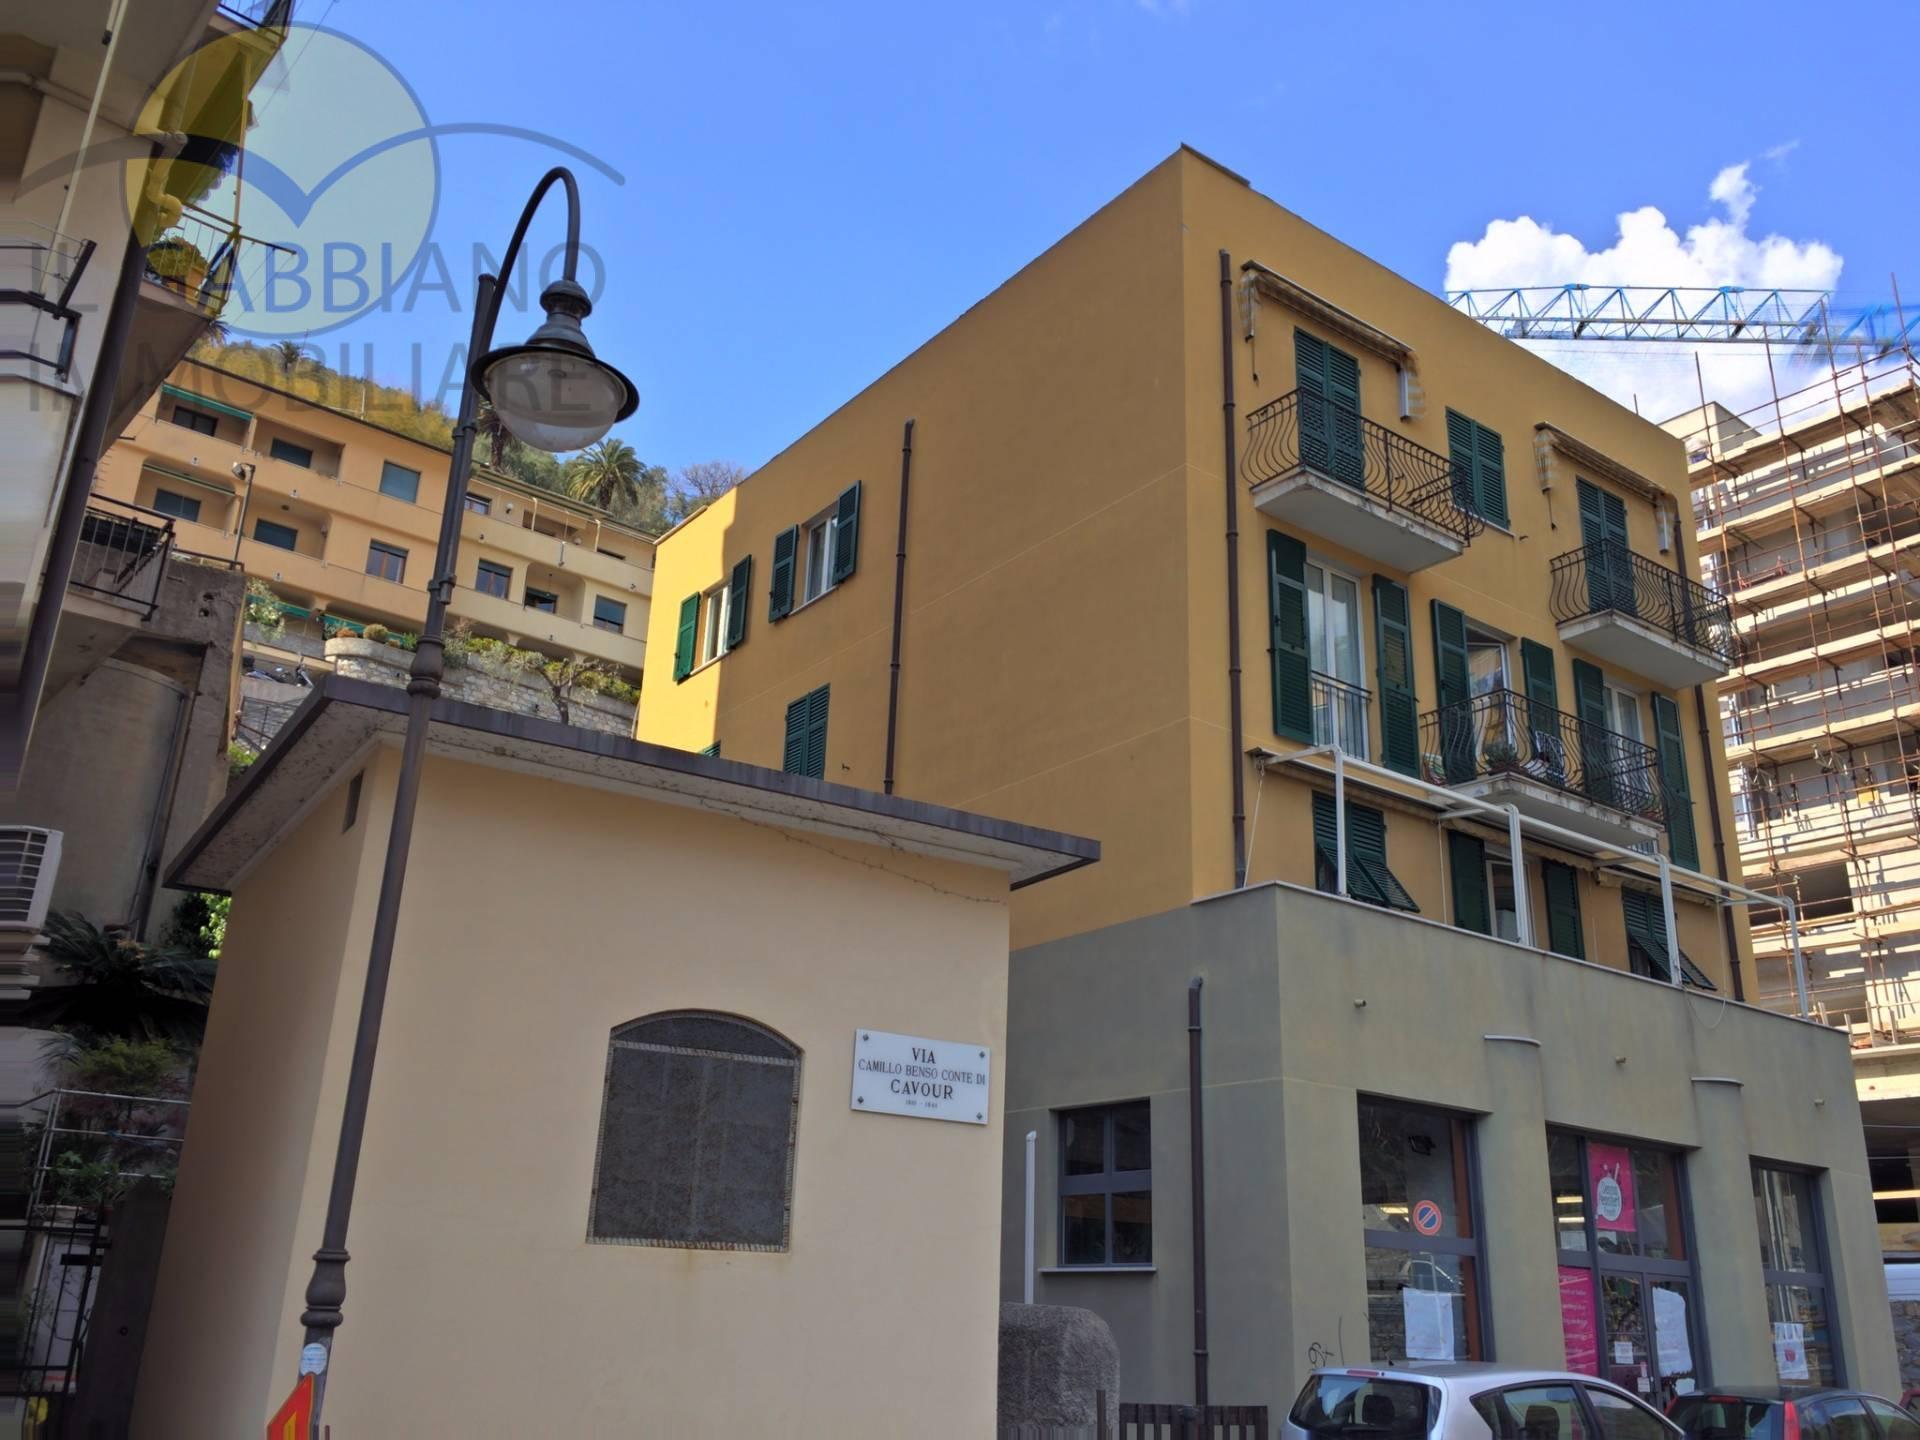 Appartamento in vendita a Bogliasco, 4 locali, prezzo € 198.000 | CambioCasa.it